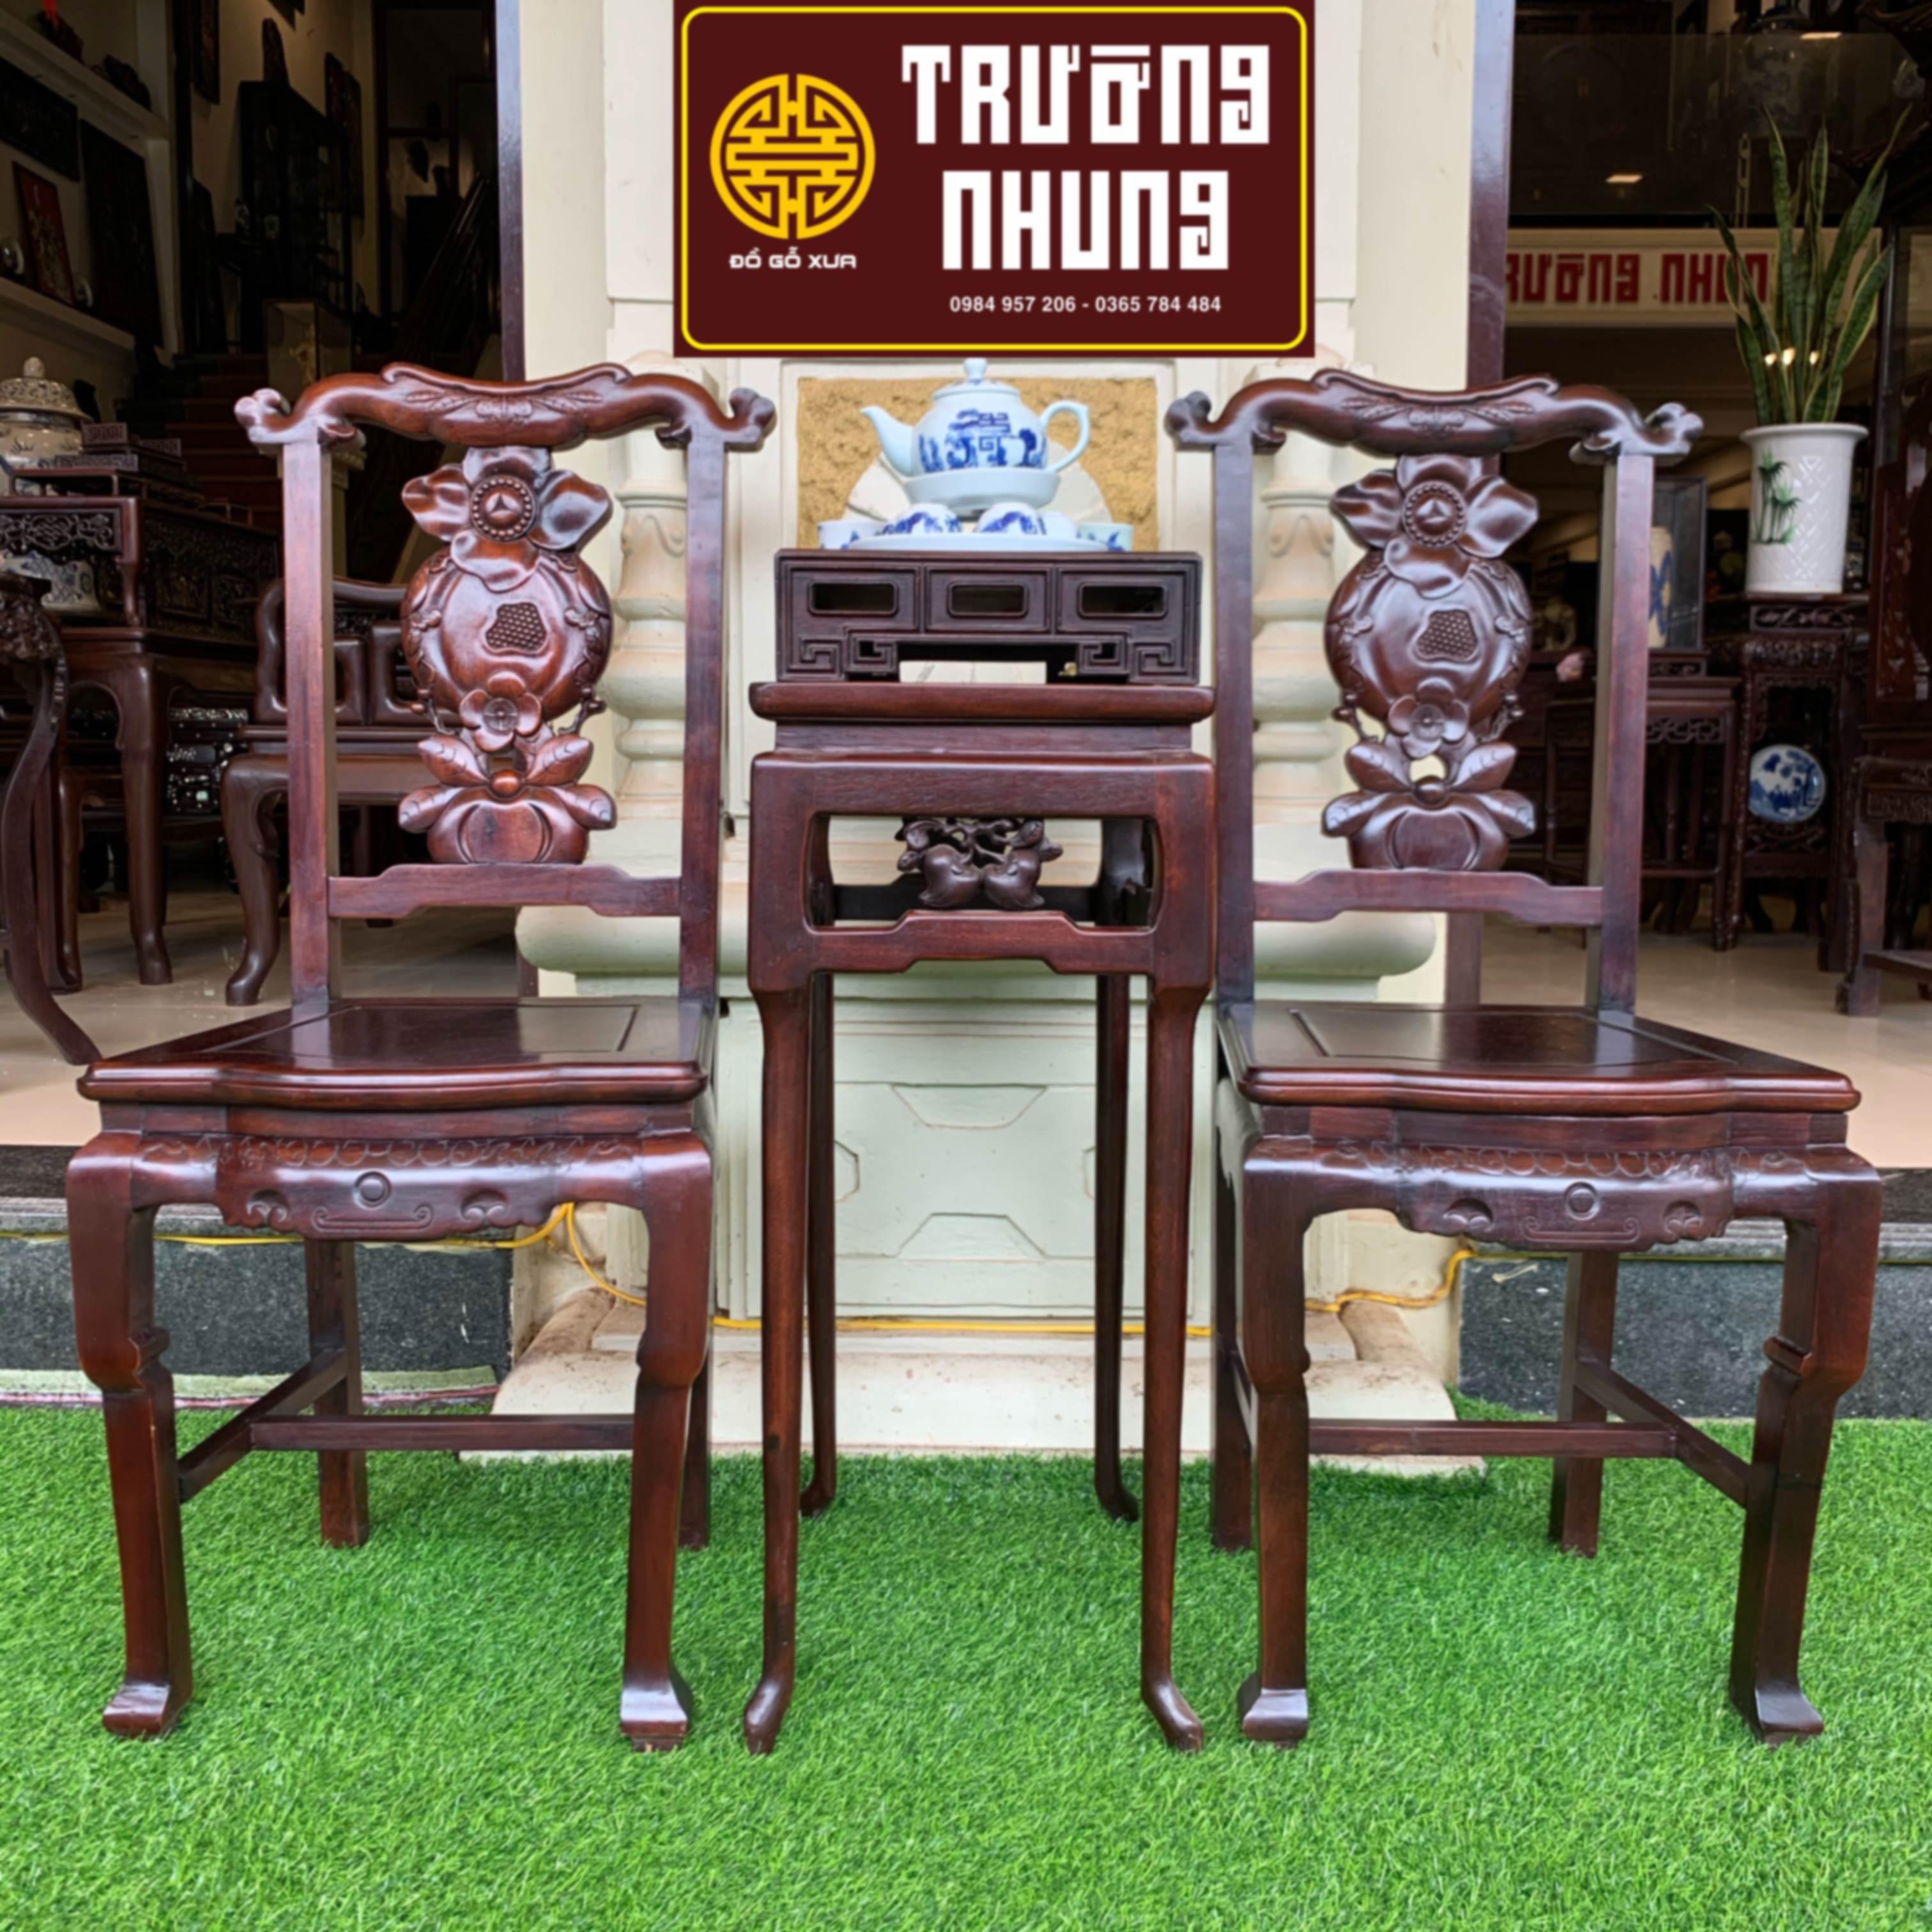 bộ 3 - món - ghế - ăn- gỗ - lim - ta - mặt - đá - ĐỒ - GỖ - XƯA - TRƯỜNG - NHUNG